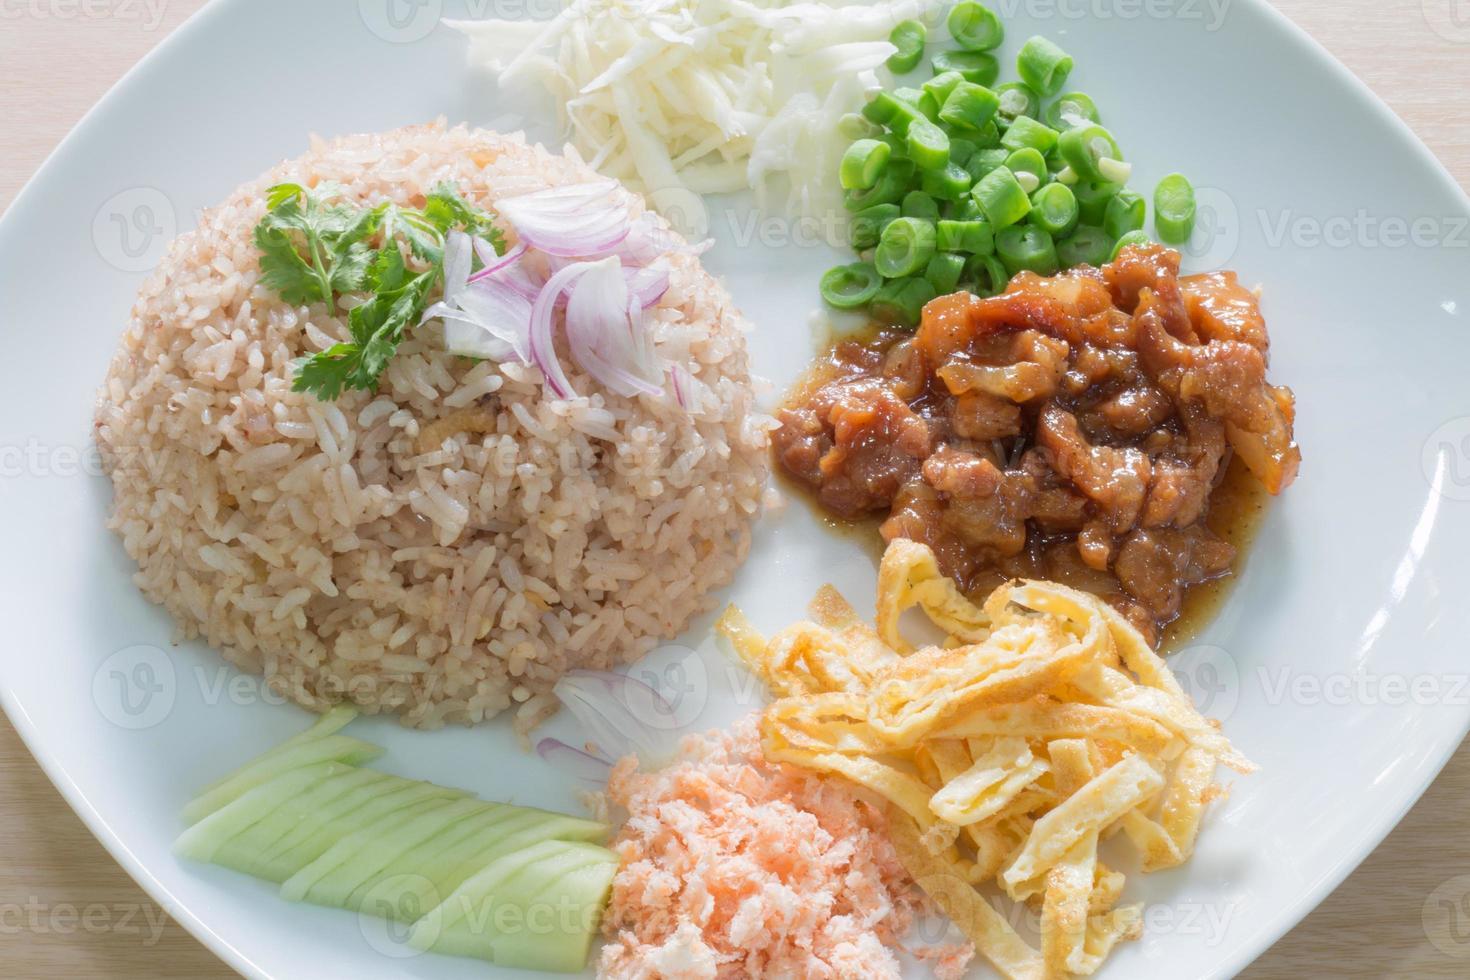 rijst gemengd met garnalenpasta foto